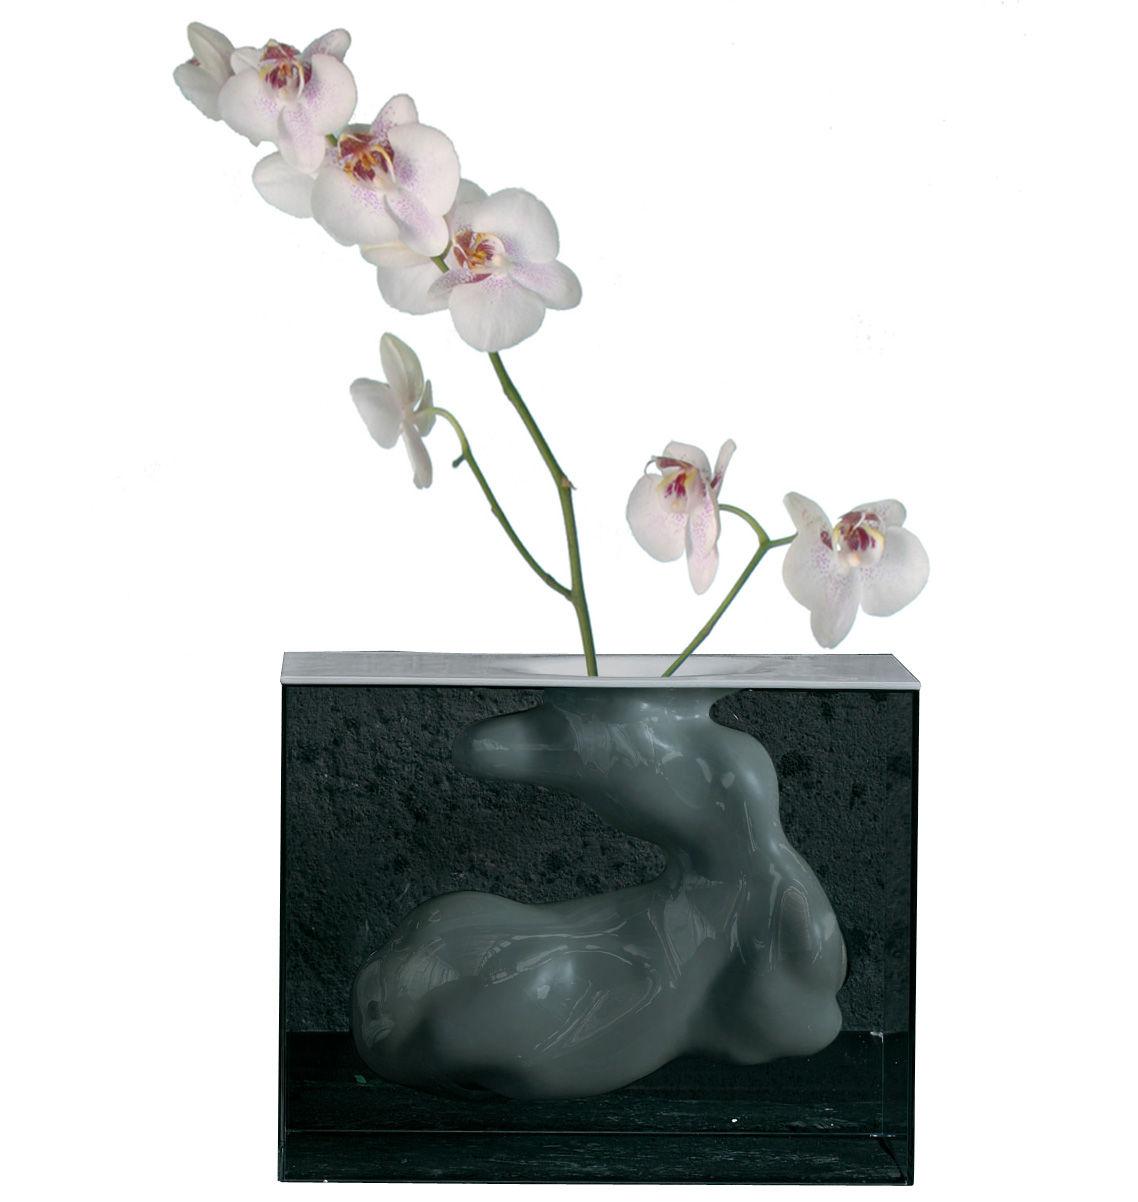 Déco - Vases - Vase Angela H 45 cm - Glas Italia - Verre fumé - Blanc - Céramique, Cristal trempé